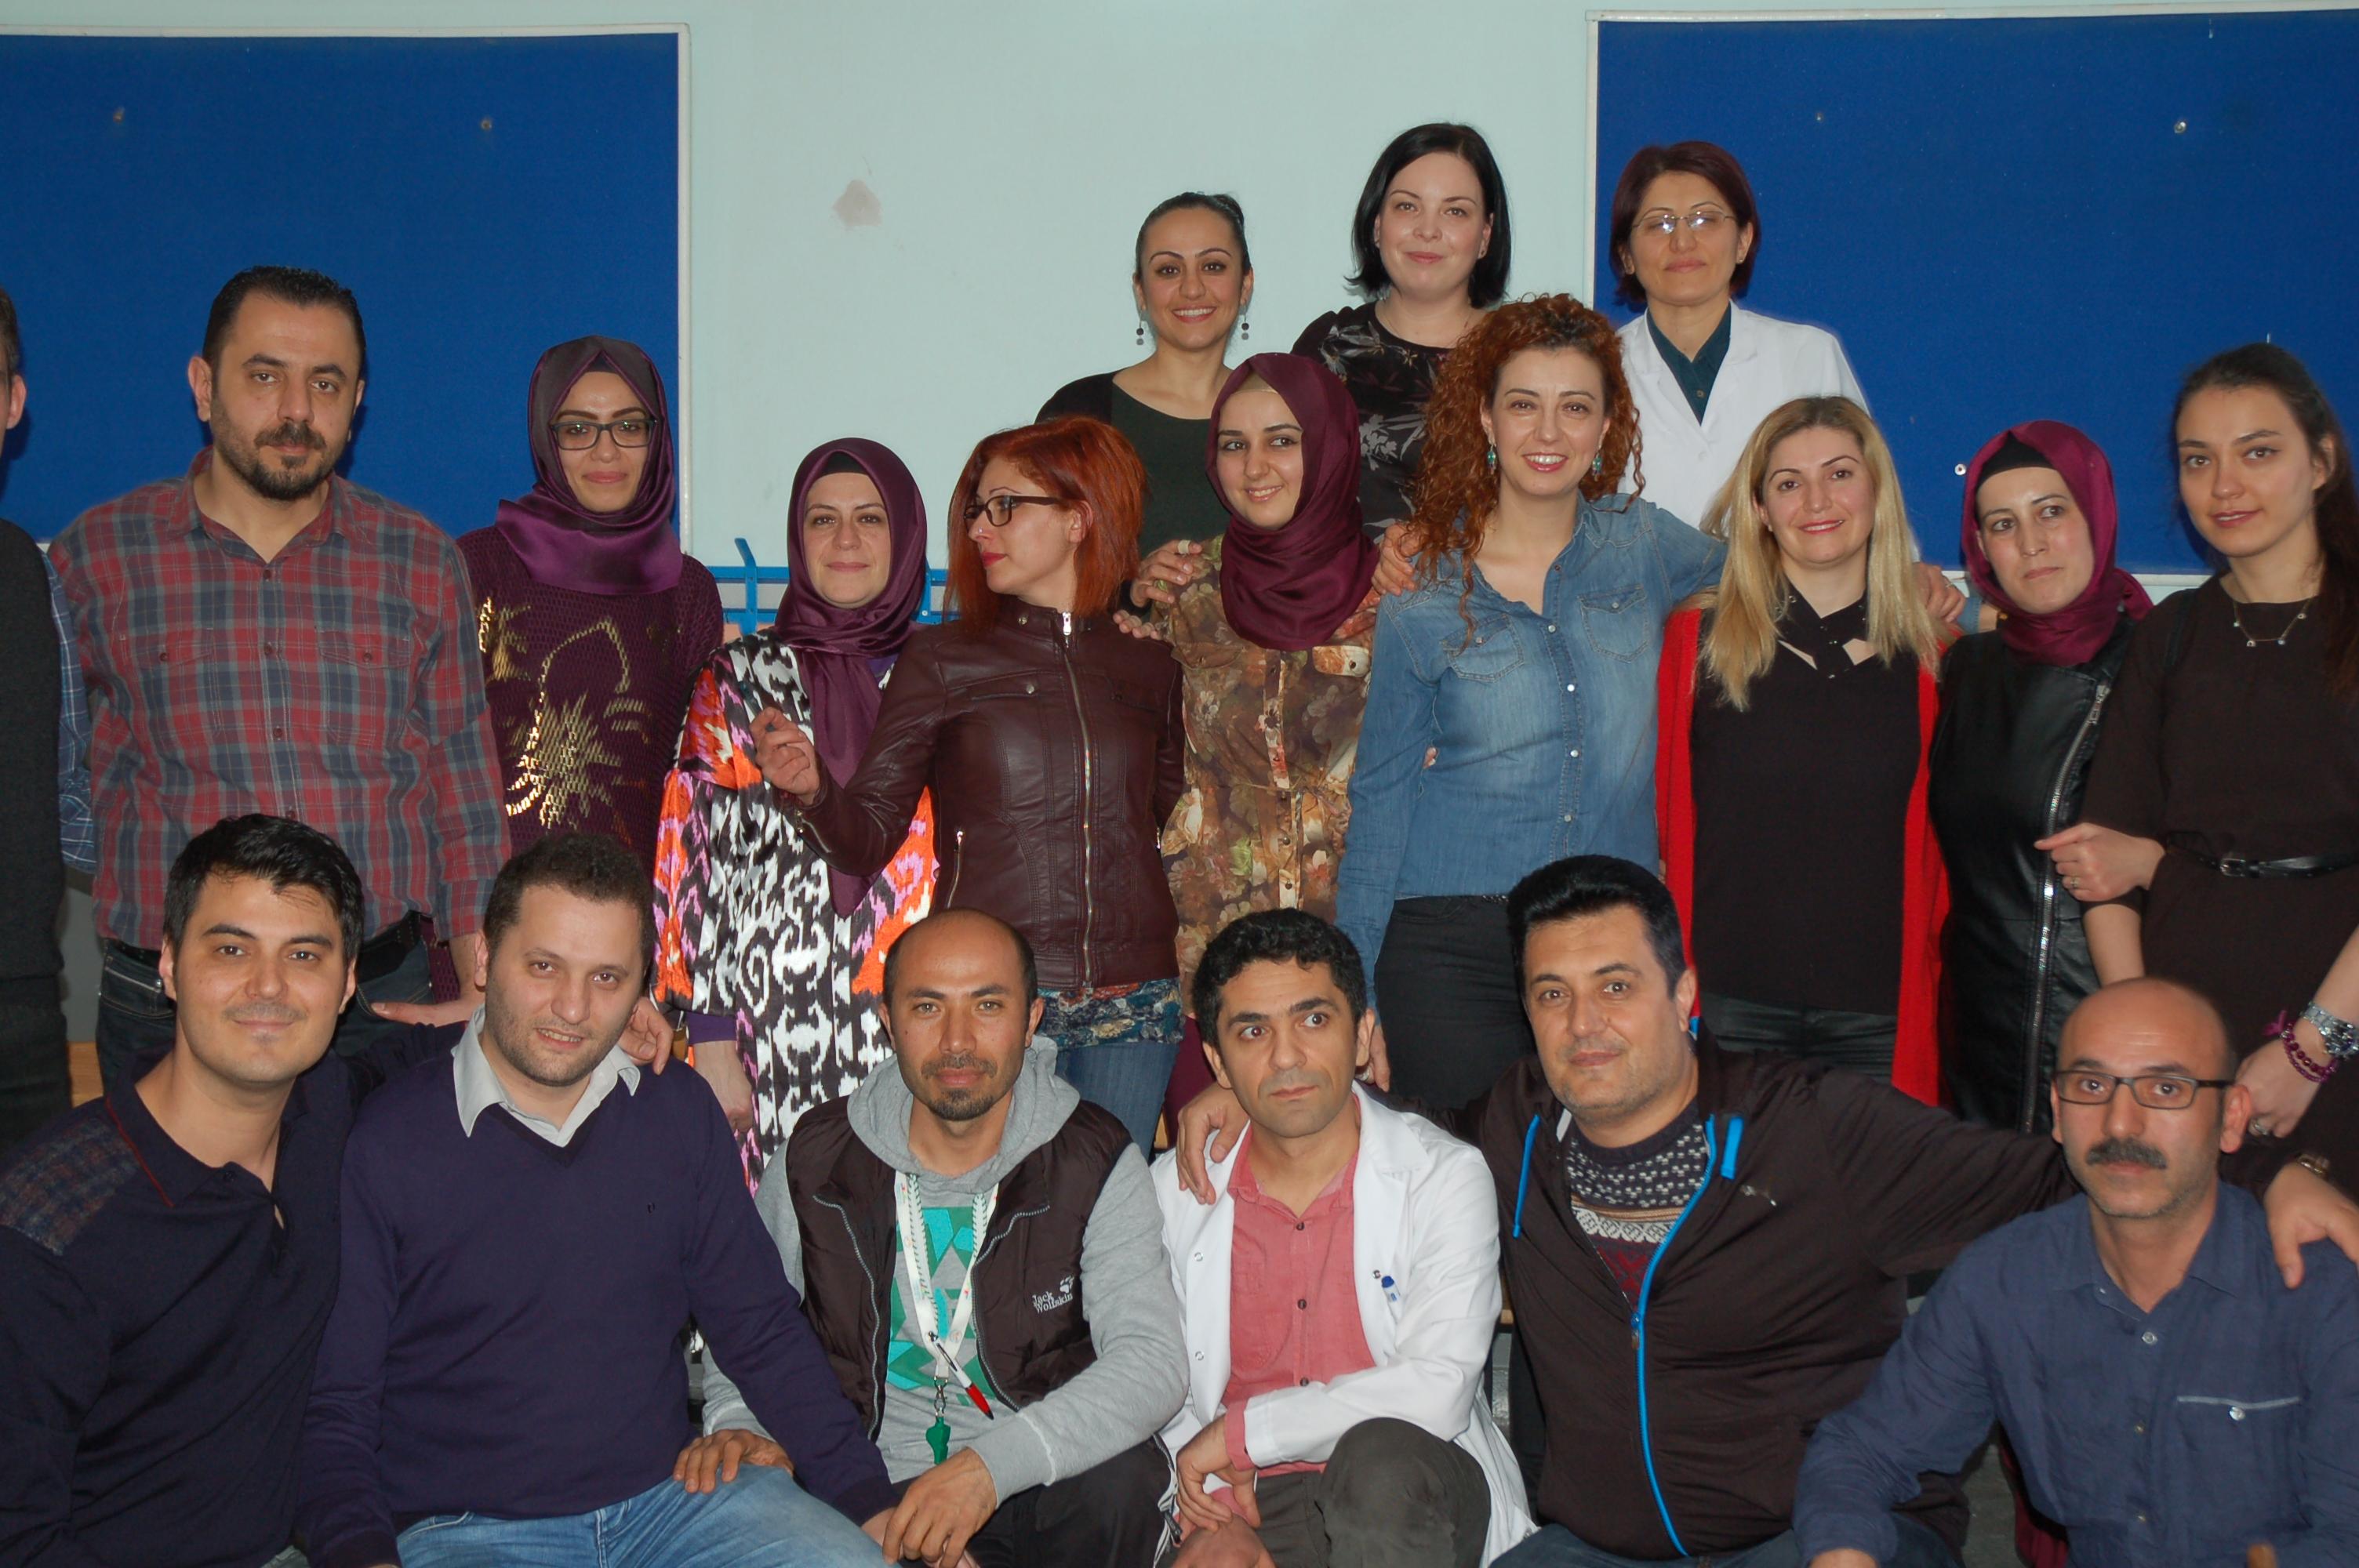 Tureckim nauczycielem być – o zarobkach, czasie pracy i wyzwaniach